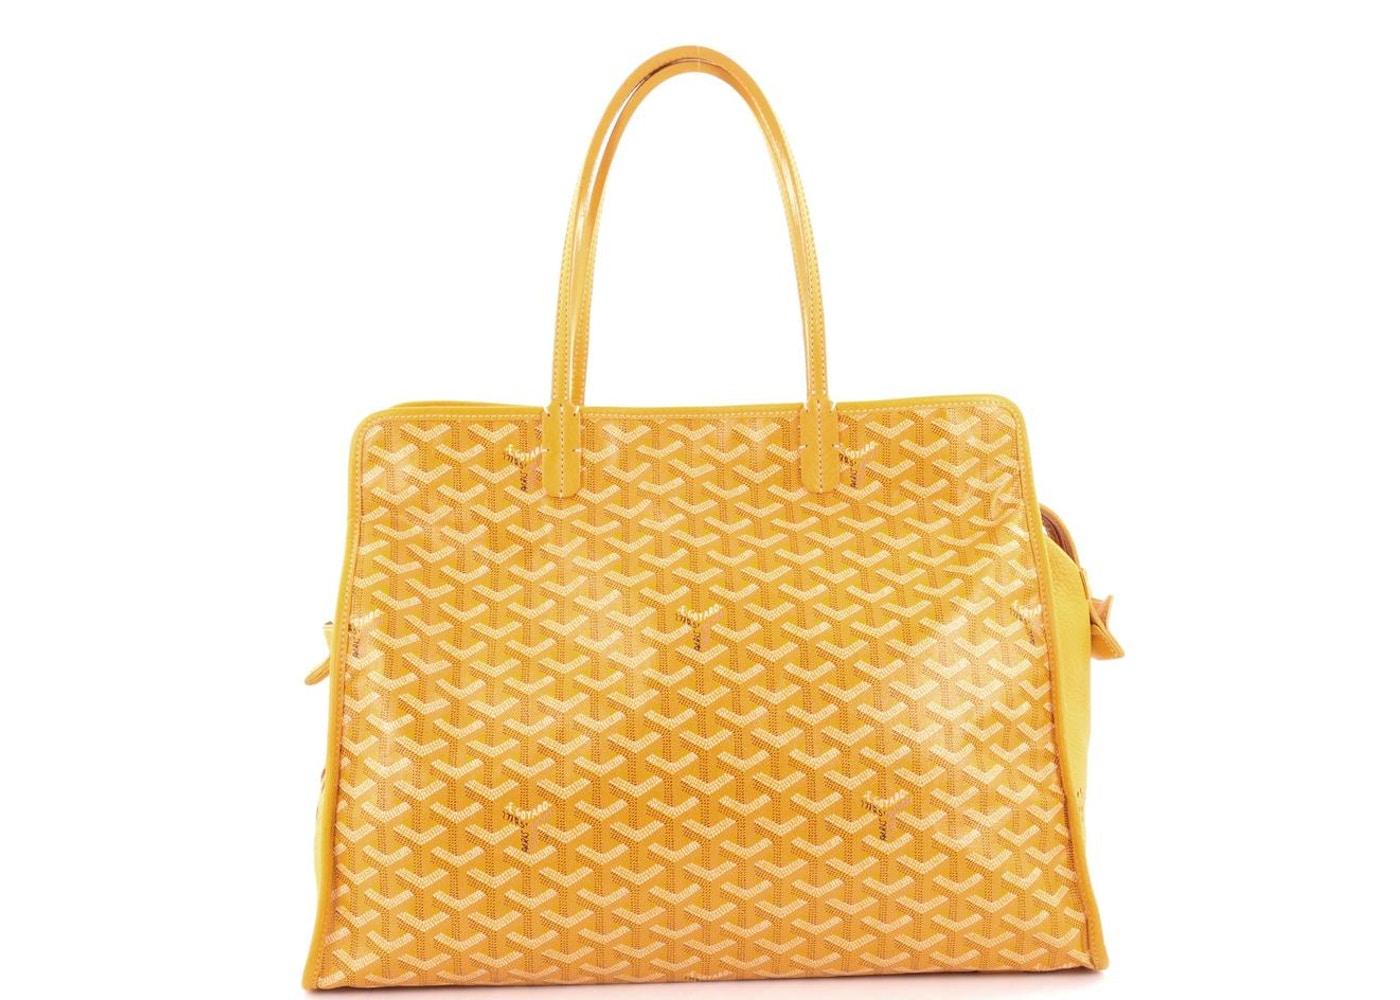 d6b3187b View All Bids. Goyard Hardy Pet Carrier Travel Bag Monogram Chevron PM  Yellow. Monogram Chevron PM Yellow